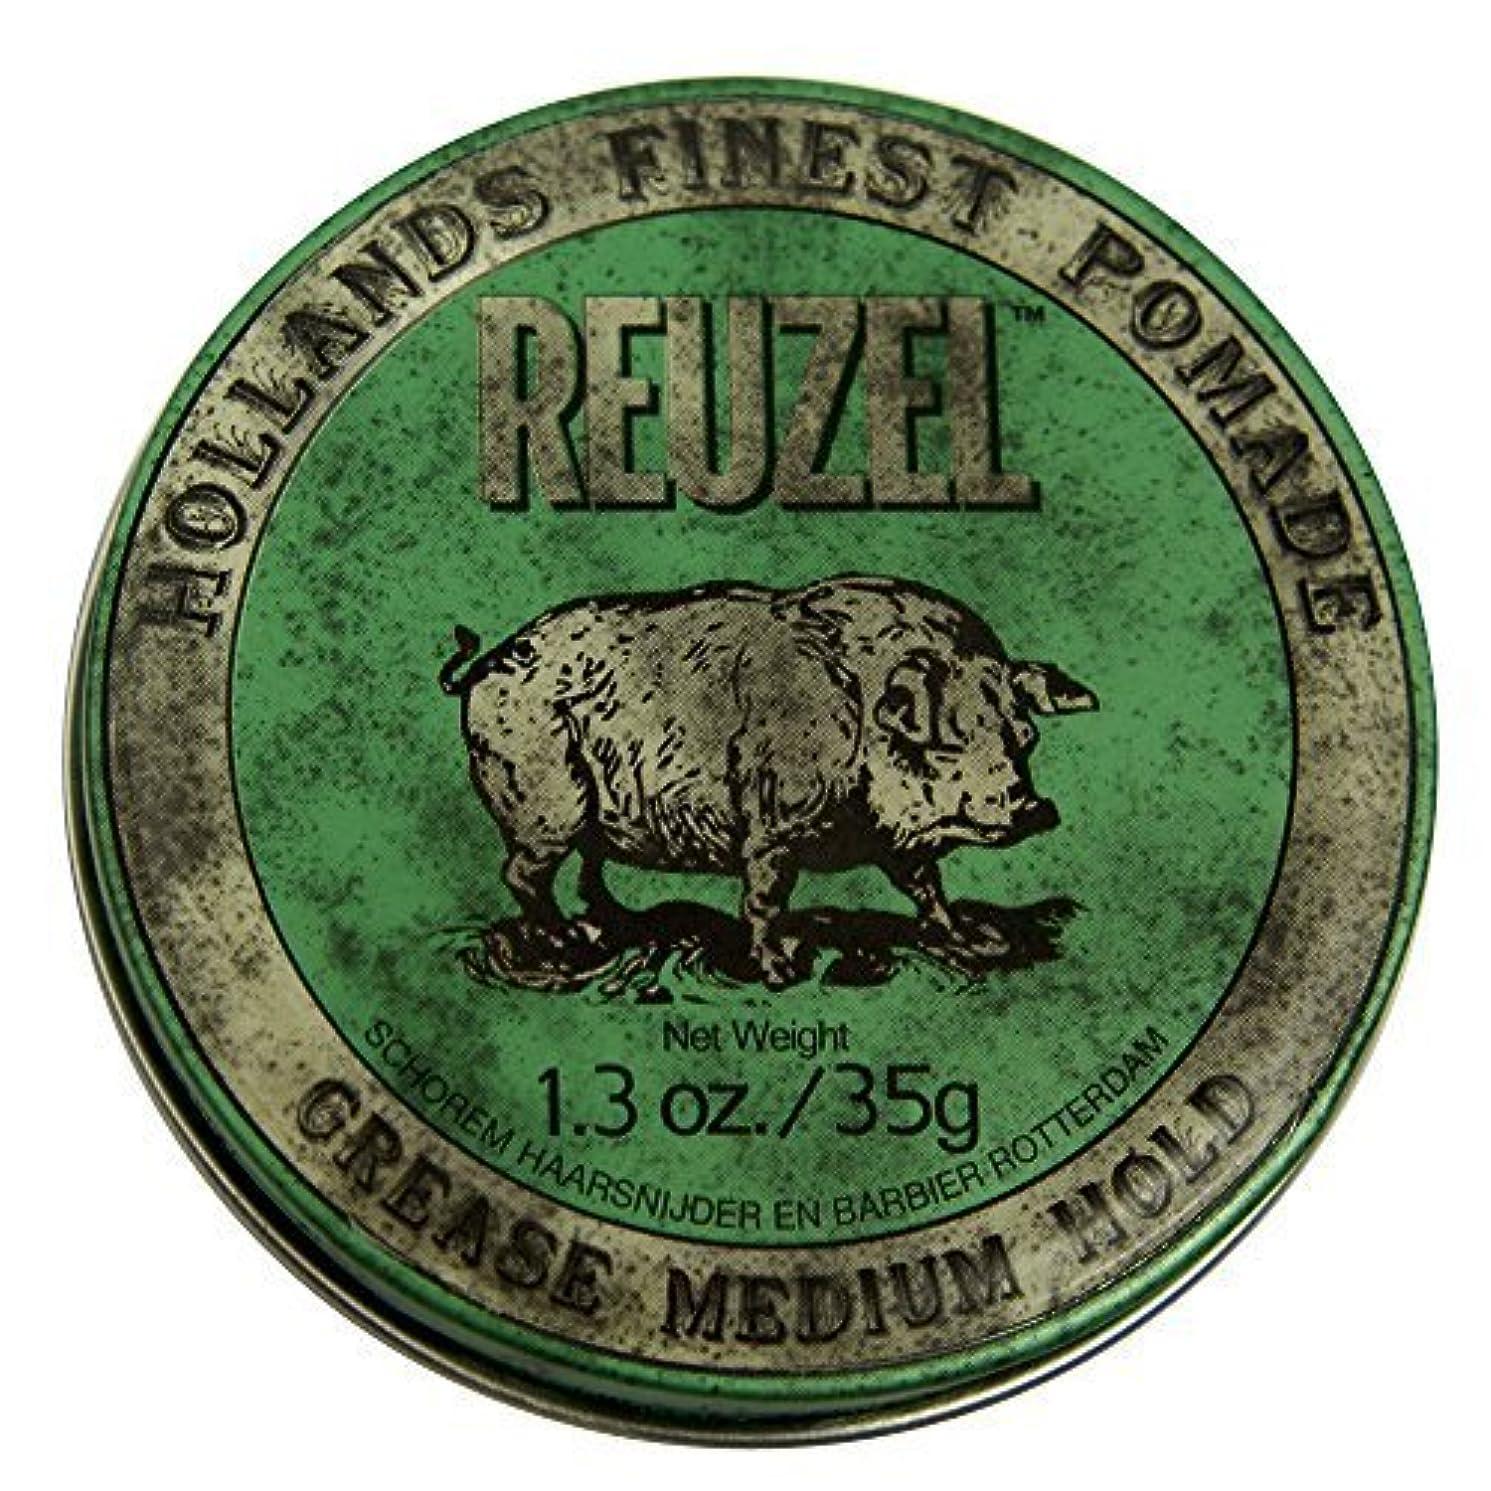 ミリメートル用心節約するby Reuzel Reuzel Green Grease Medium Hold Hair Styling Pomade Piglet 1.3oz (35g) Wax/Gel [並行輸入品]